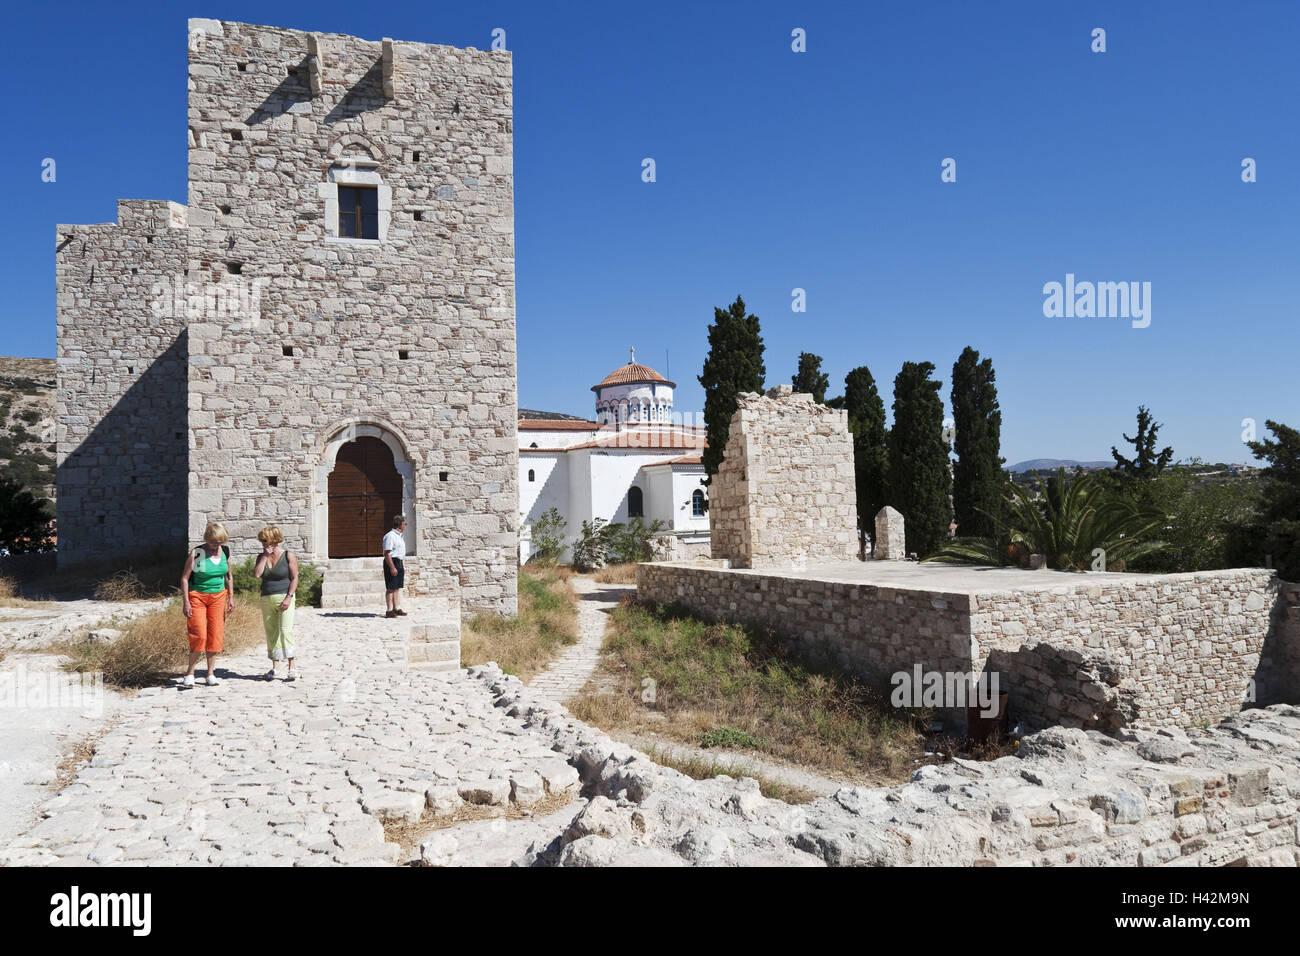 Castle Logothetis, Pythagorion, island Samos, Mediterranean island, Greece, Europe, Stock Photo